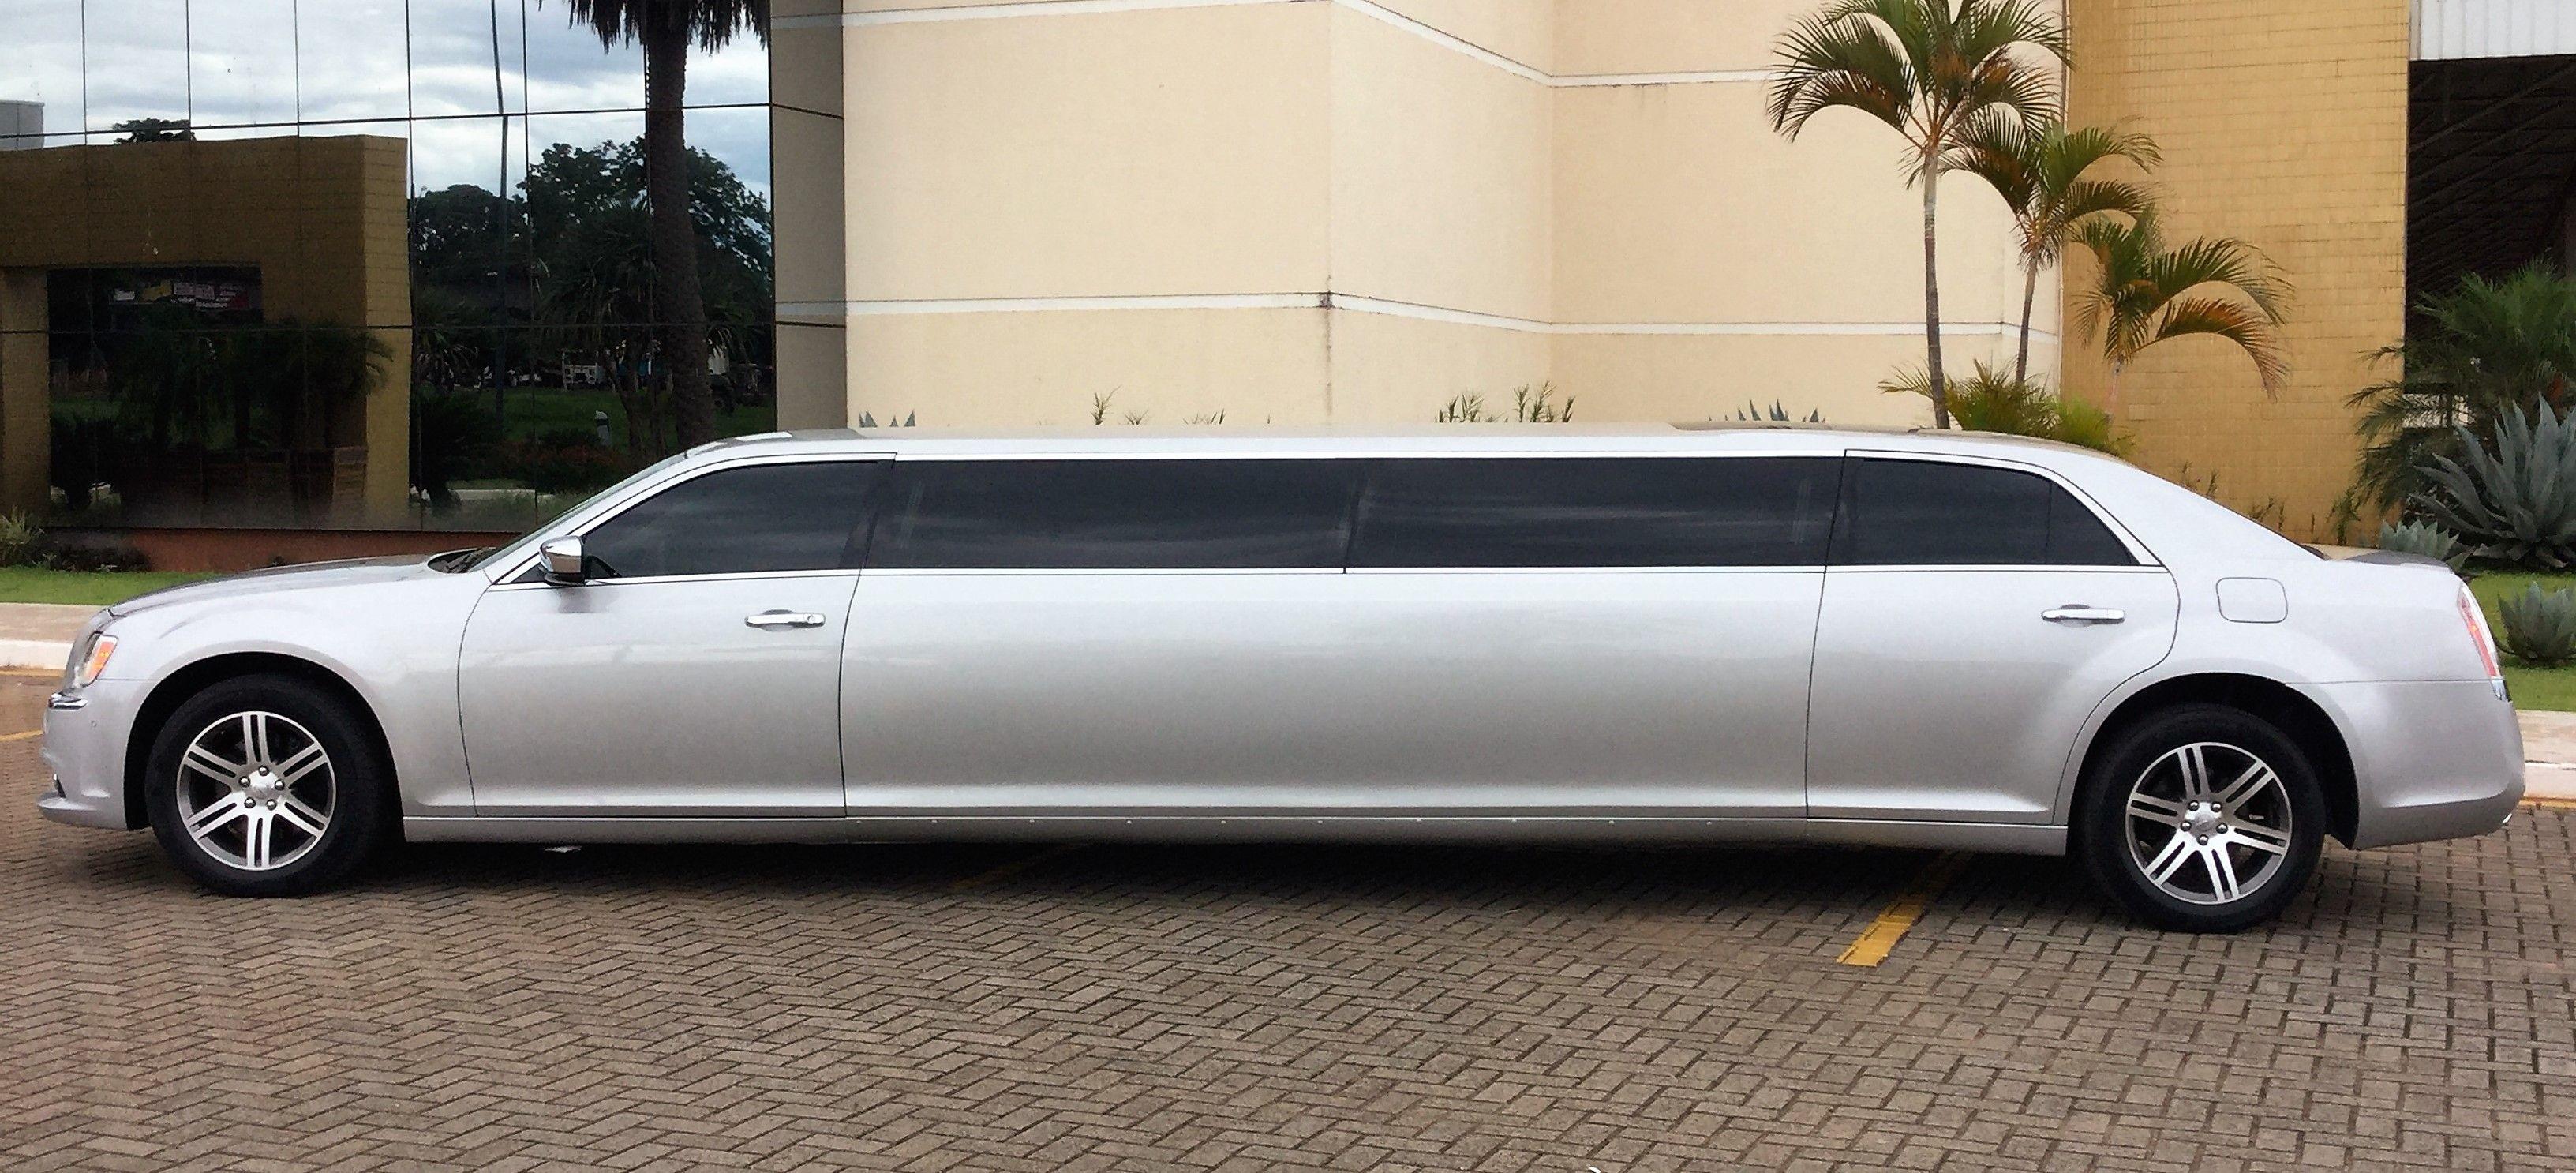 Chrysler 300c limousine prata LIMOUSINES Pinterest